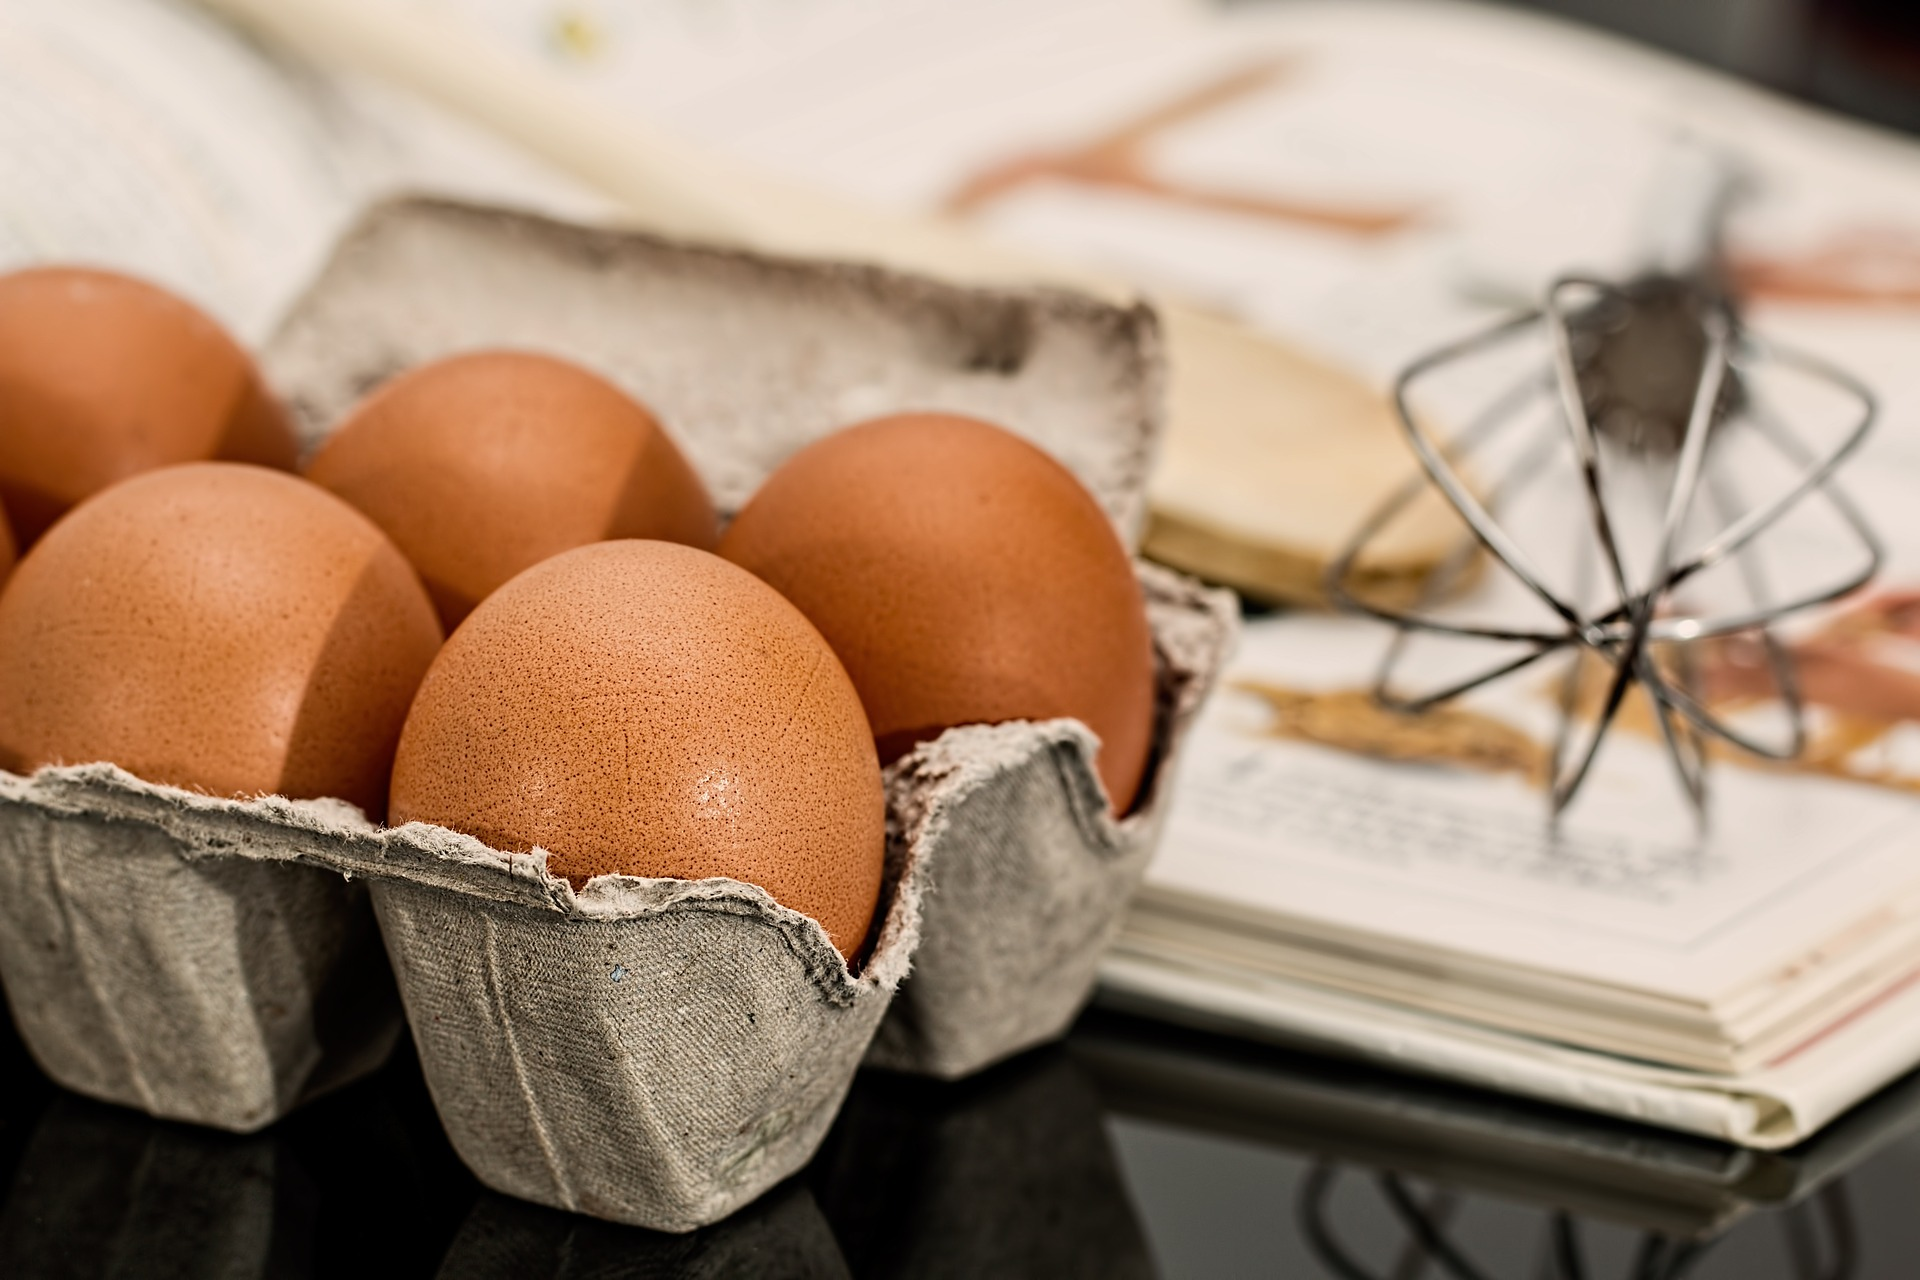 egg-944495_1920.jpg